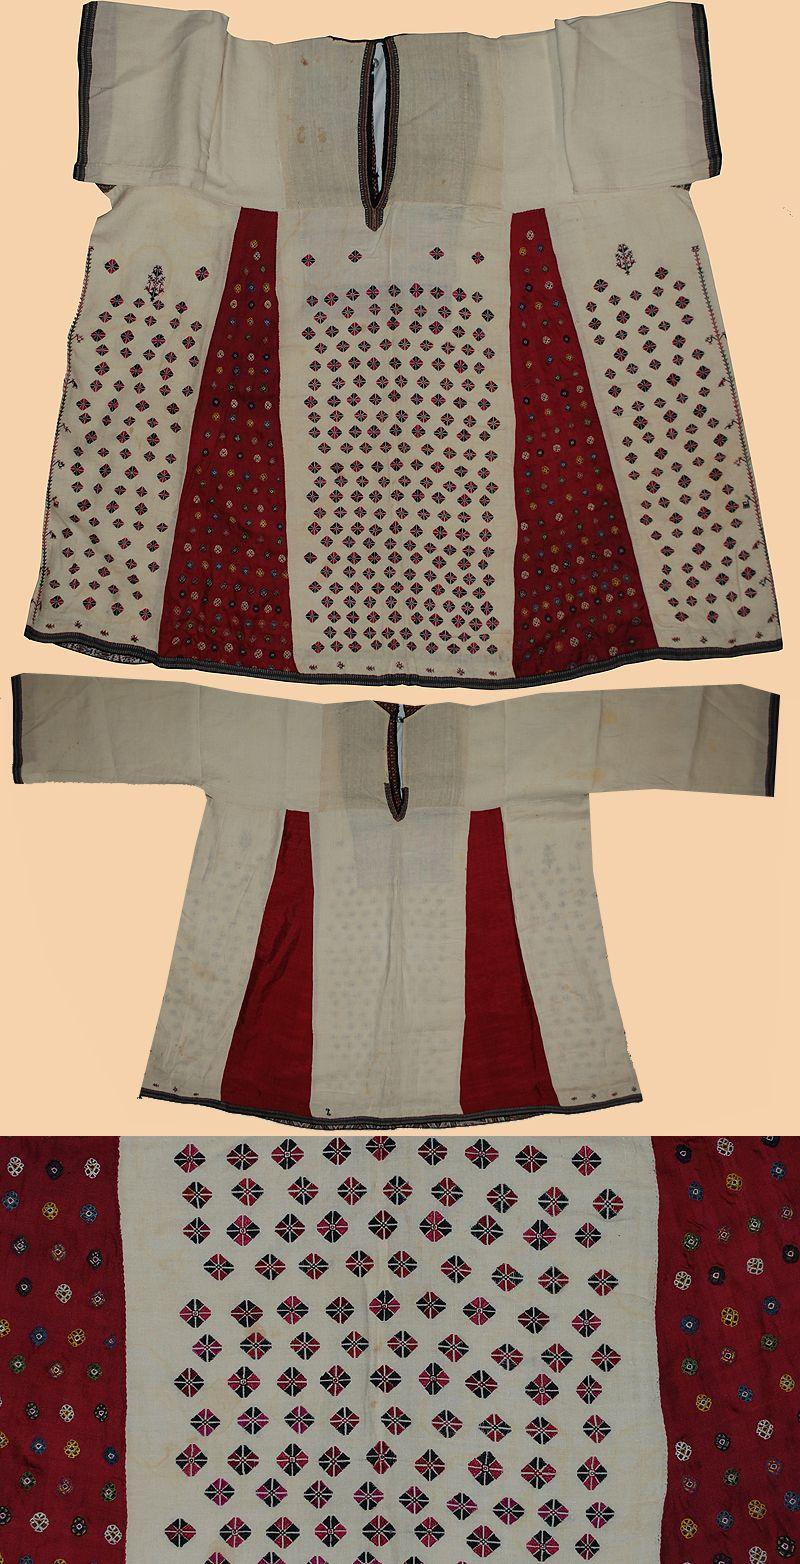 Antique Shirts - TextileAsArt.com, Fine Antique Textiles and Antique Textile Information